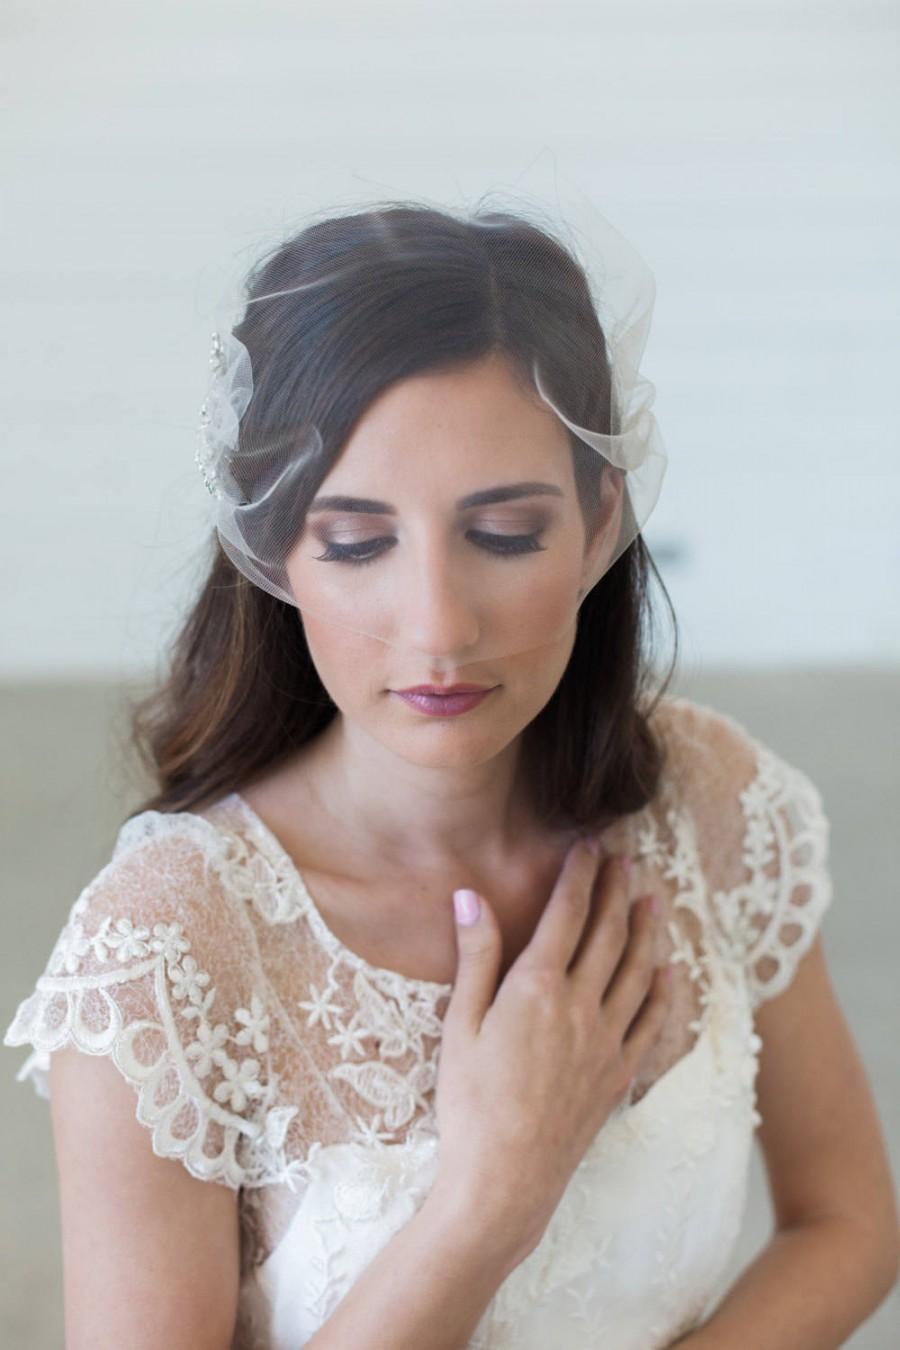 Wedding - Tulle Birdcage veil, Blusher veil, Tulle Bridal Veil, Tulle wedding veil, simple veil, short veil, Bandeau Birdcage Veil, wedding veil